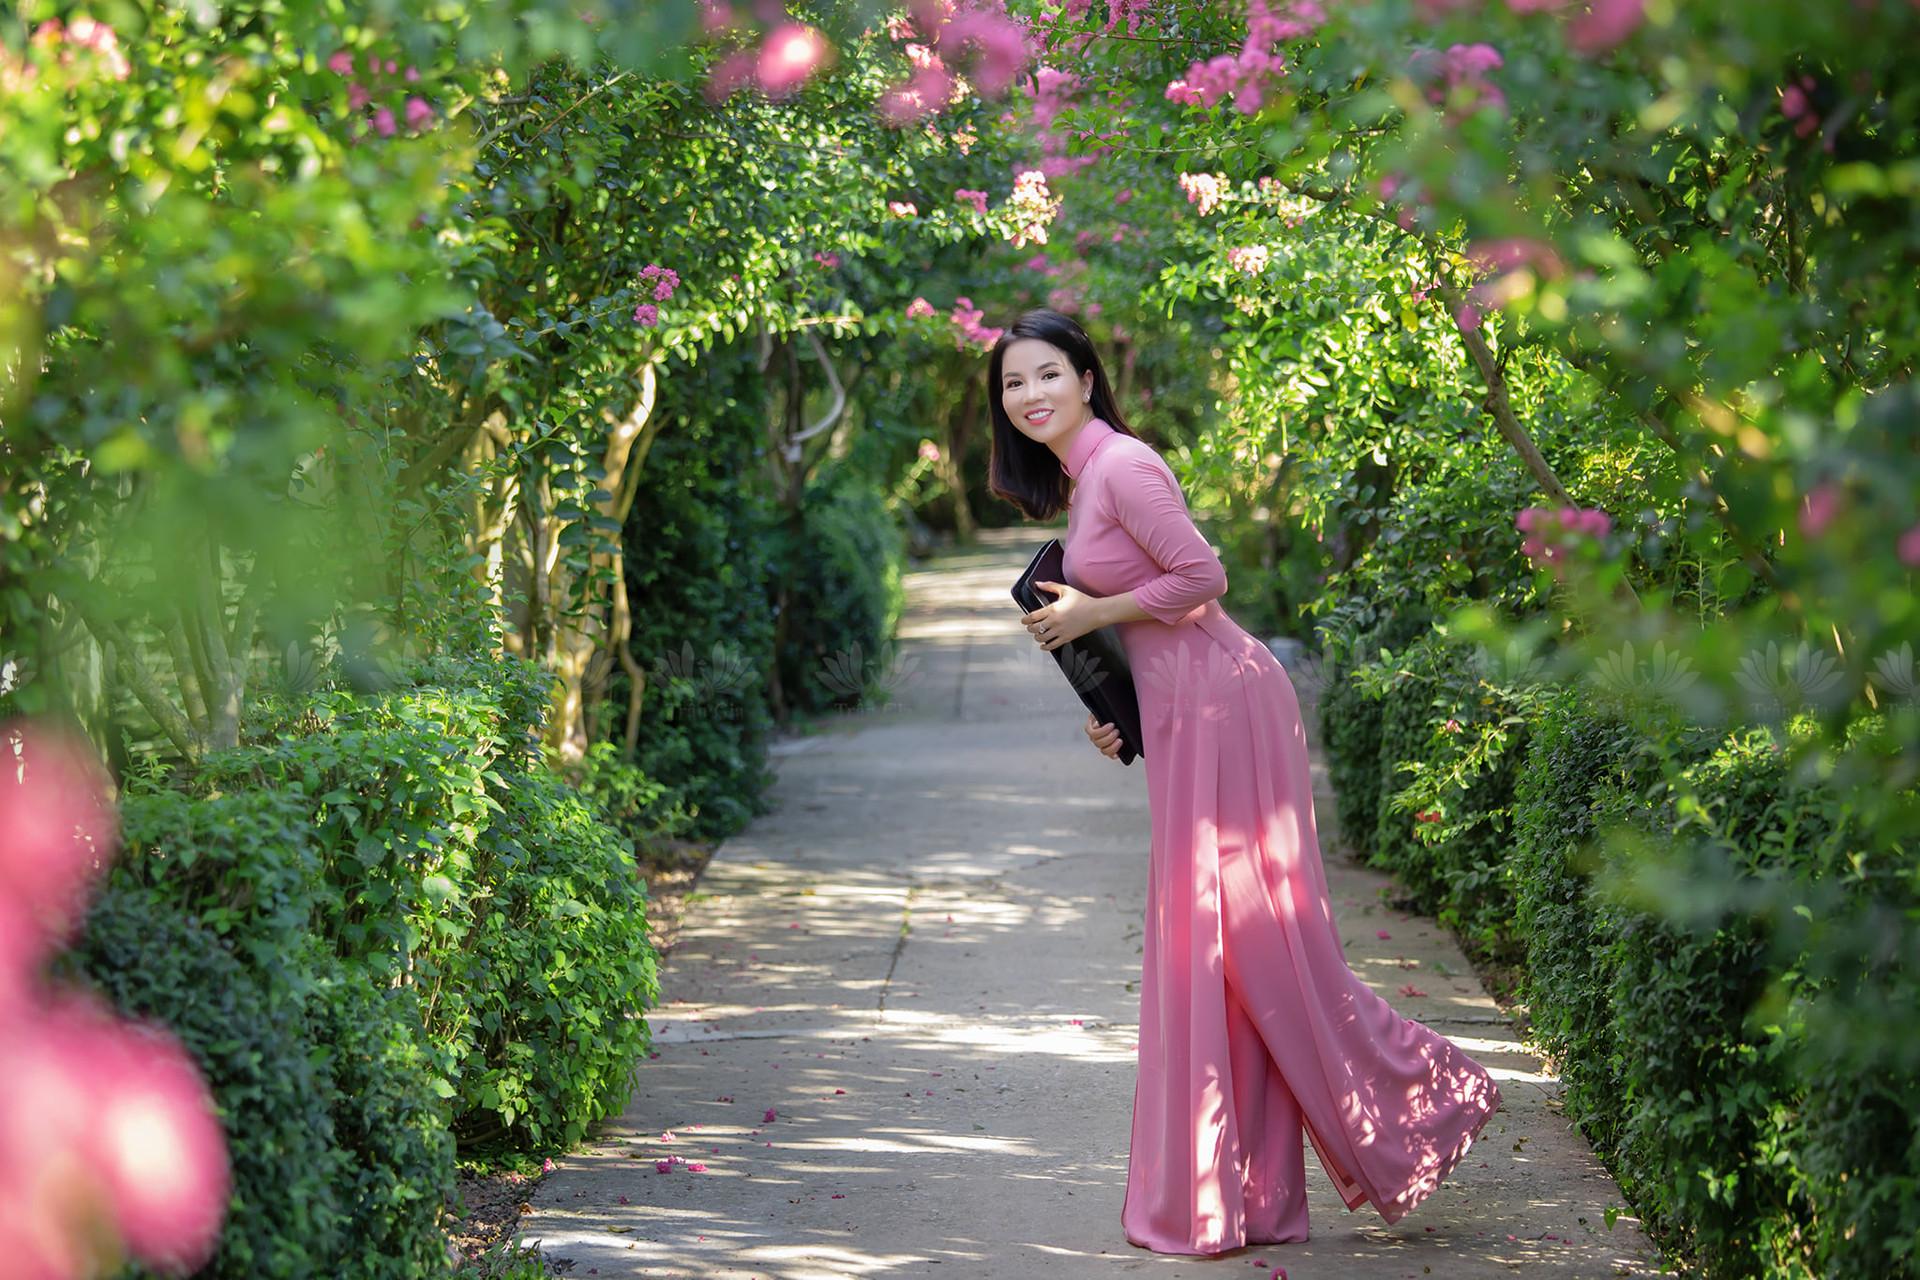 Mê mẩn đường hoa tường vi, đẹp tựa vườn thượng uyển ở trời Âu - 5